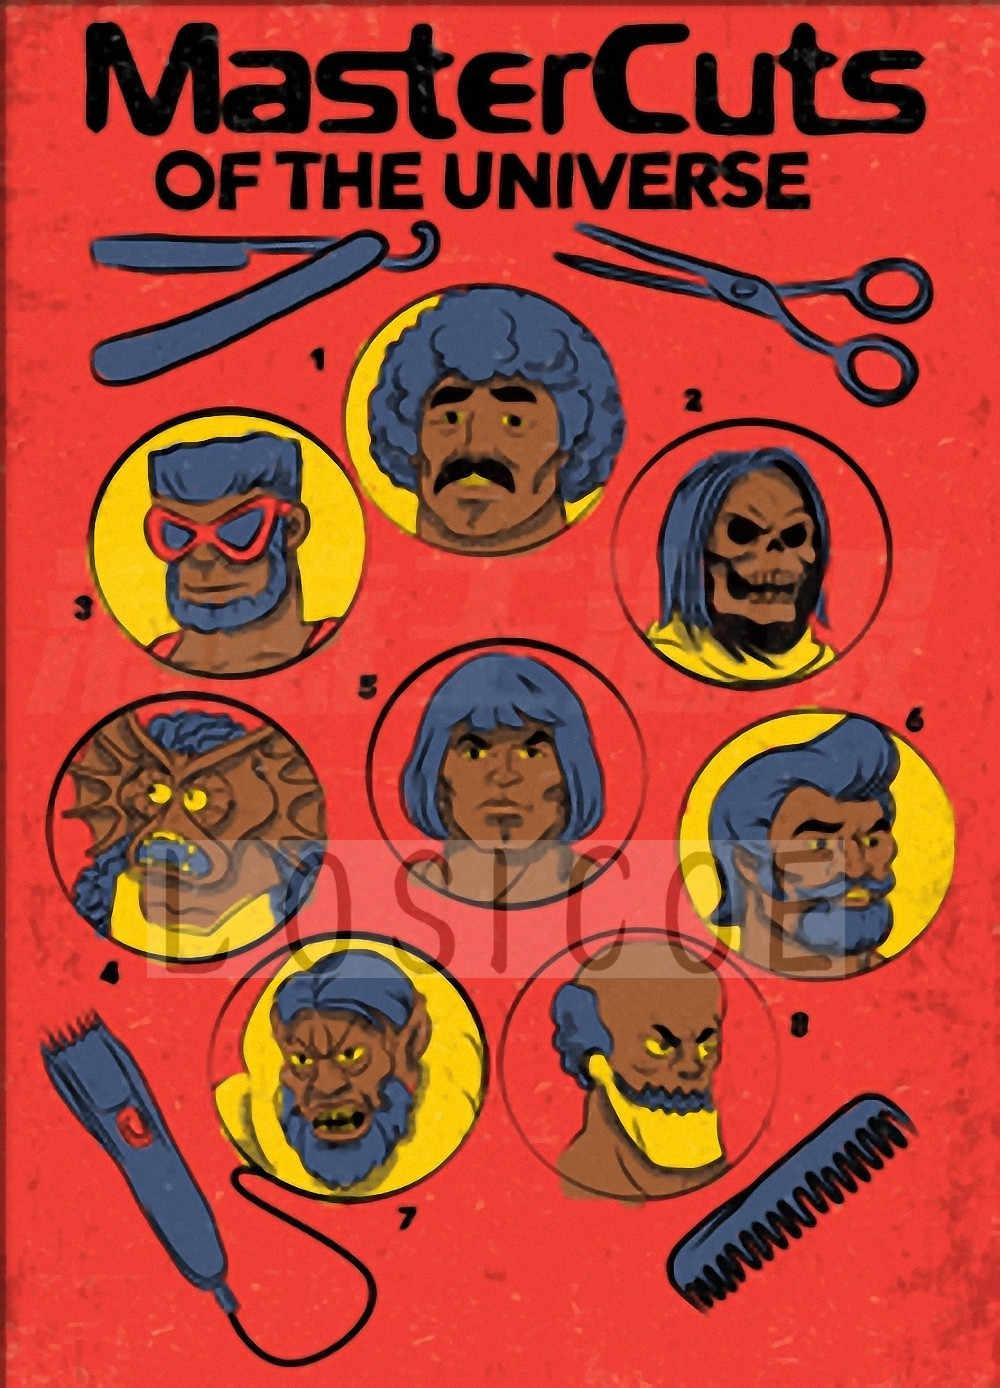 Ретро парикмахер татуировки рисунком плакат на крафт-бумаге парикмахерской Настенный декор ножницы для стрижки волос бритья волос настенные наклейки для салона 30X42 см